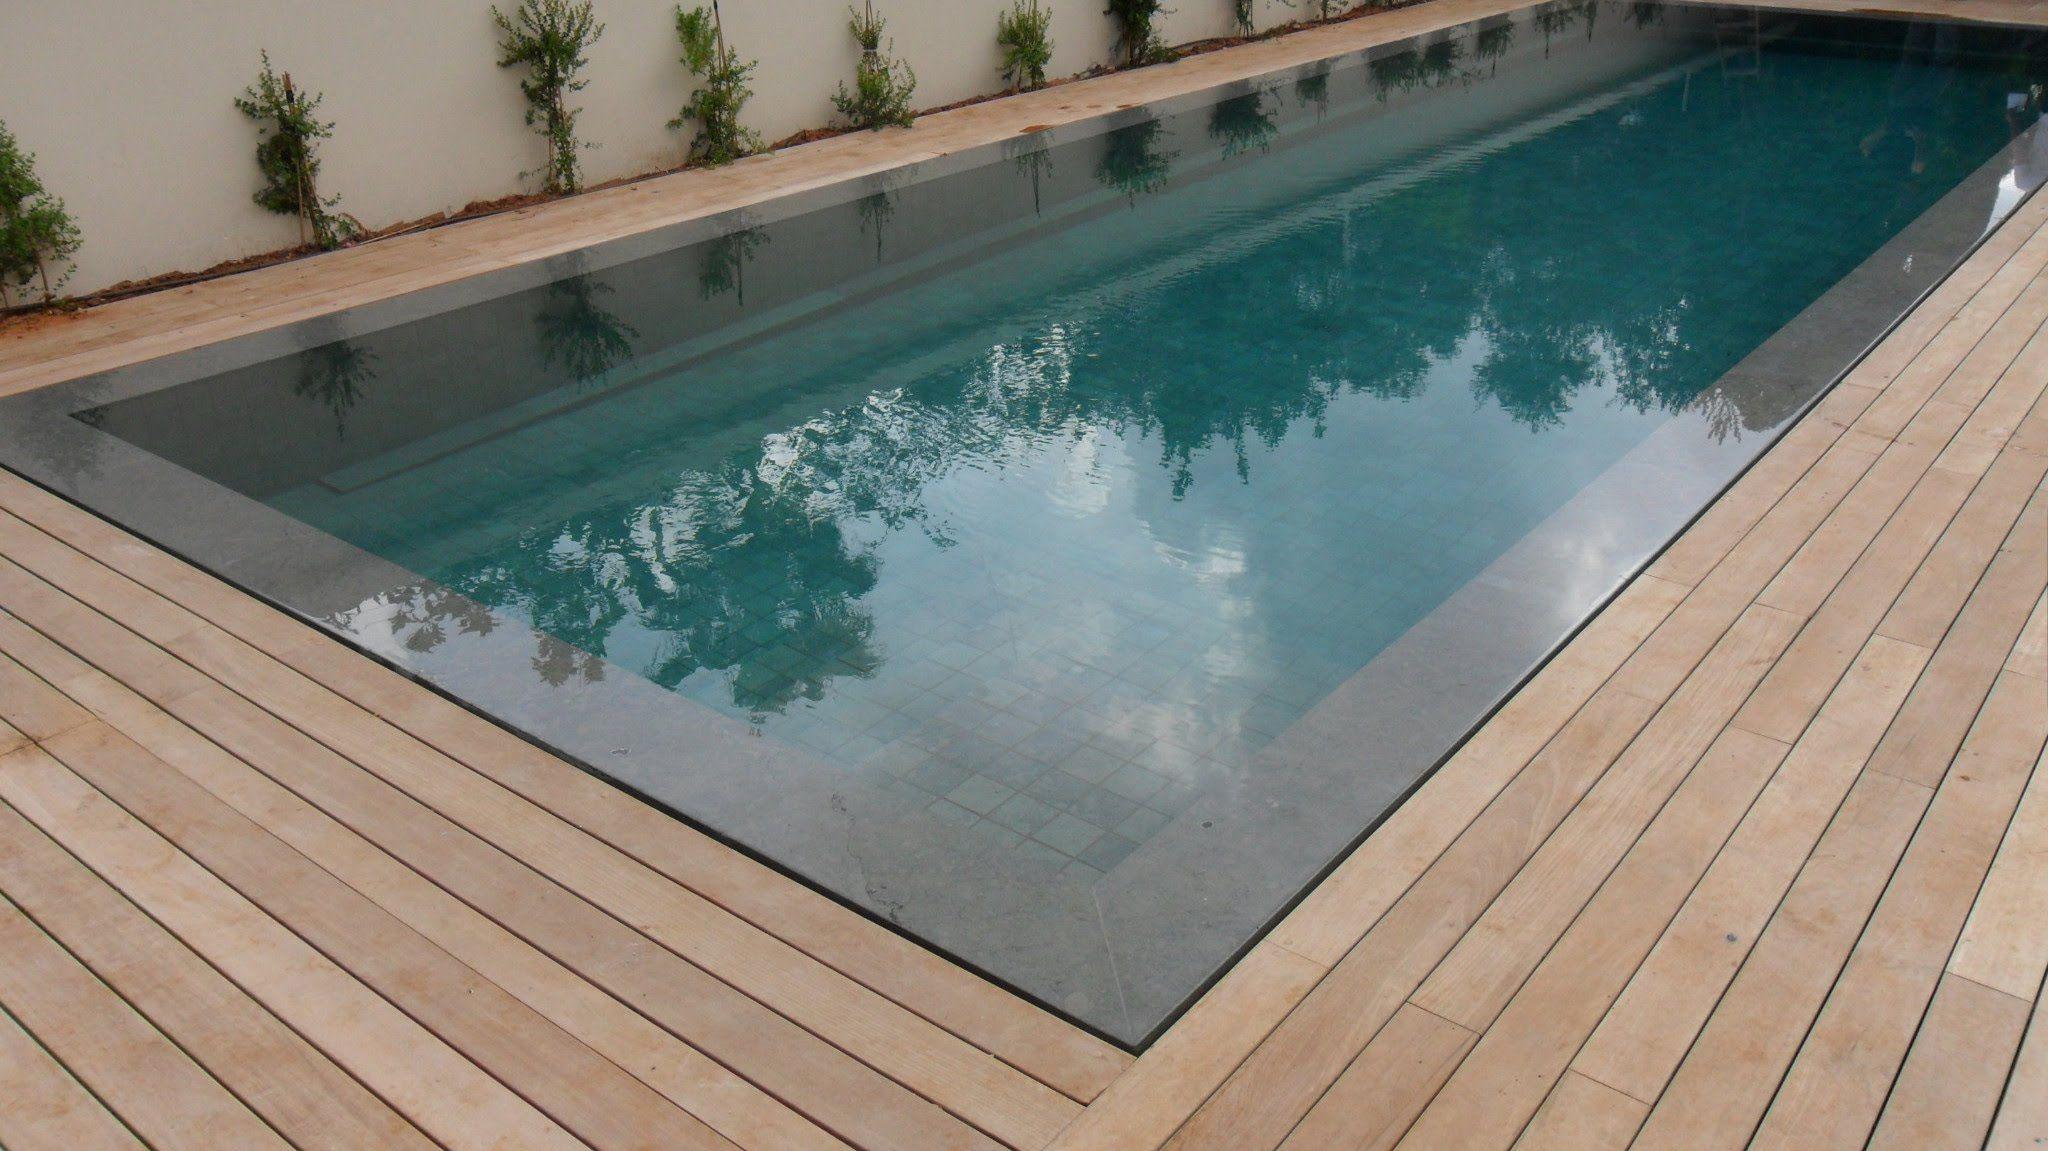 Image result for wooden decks around inground pools pooldecking image result for wooden decks around inground pools baanklon Images